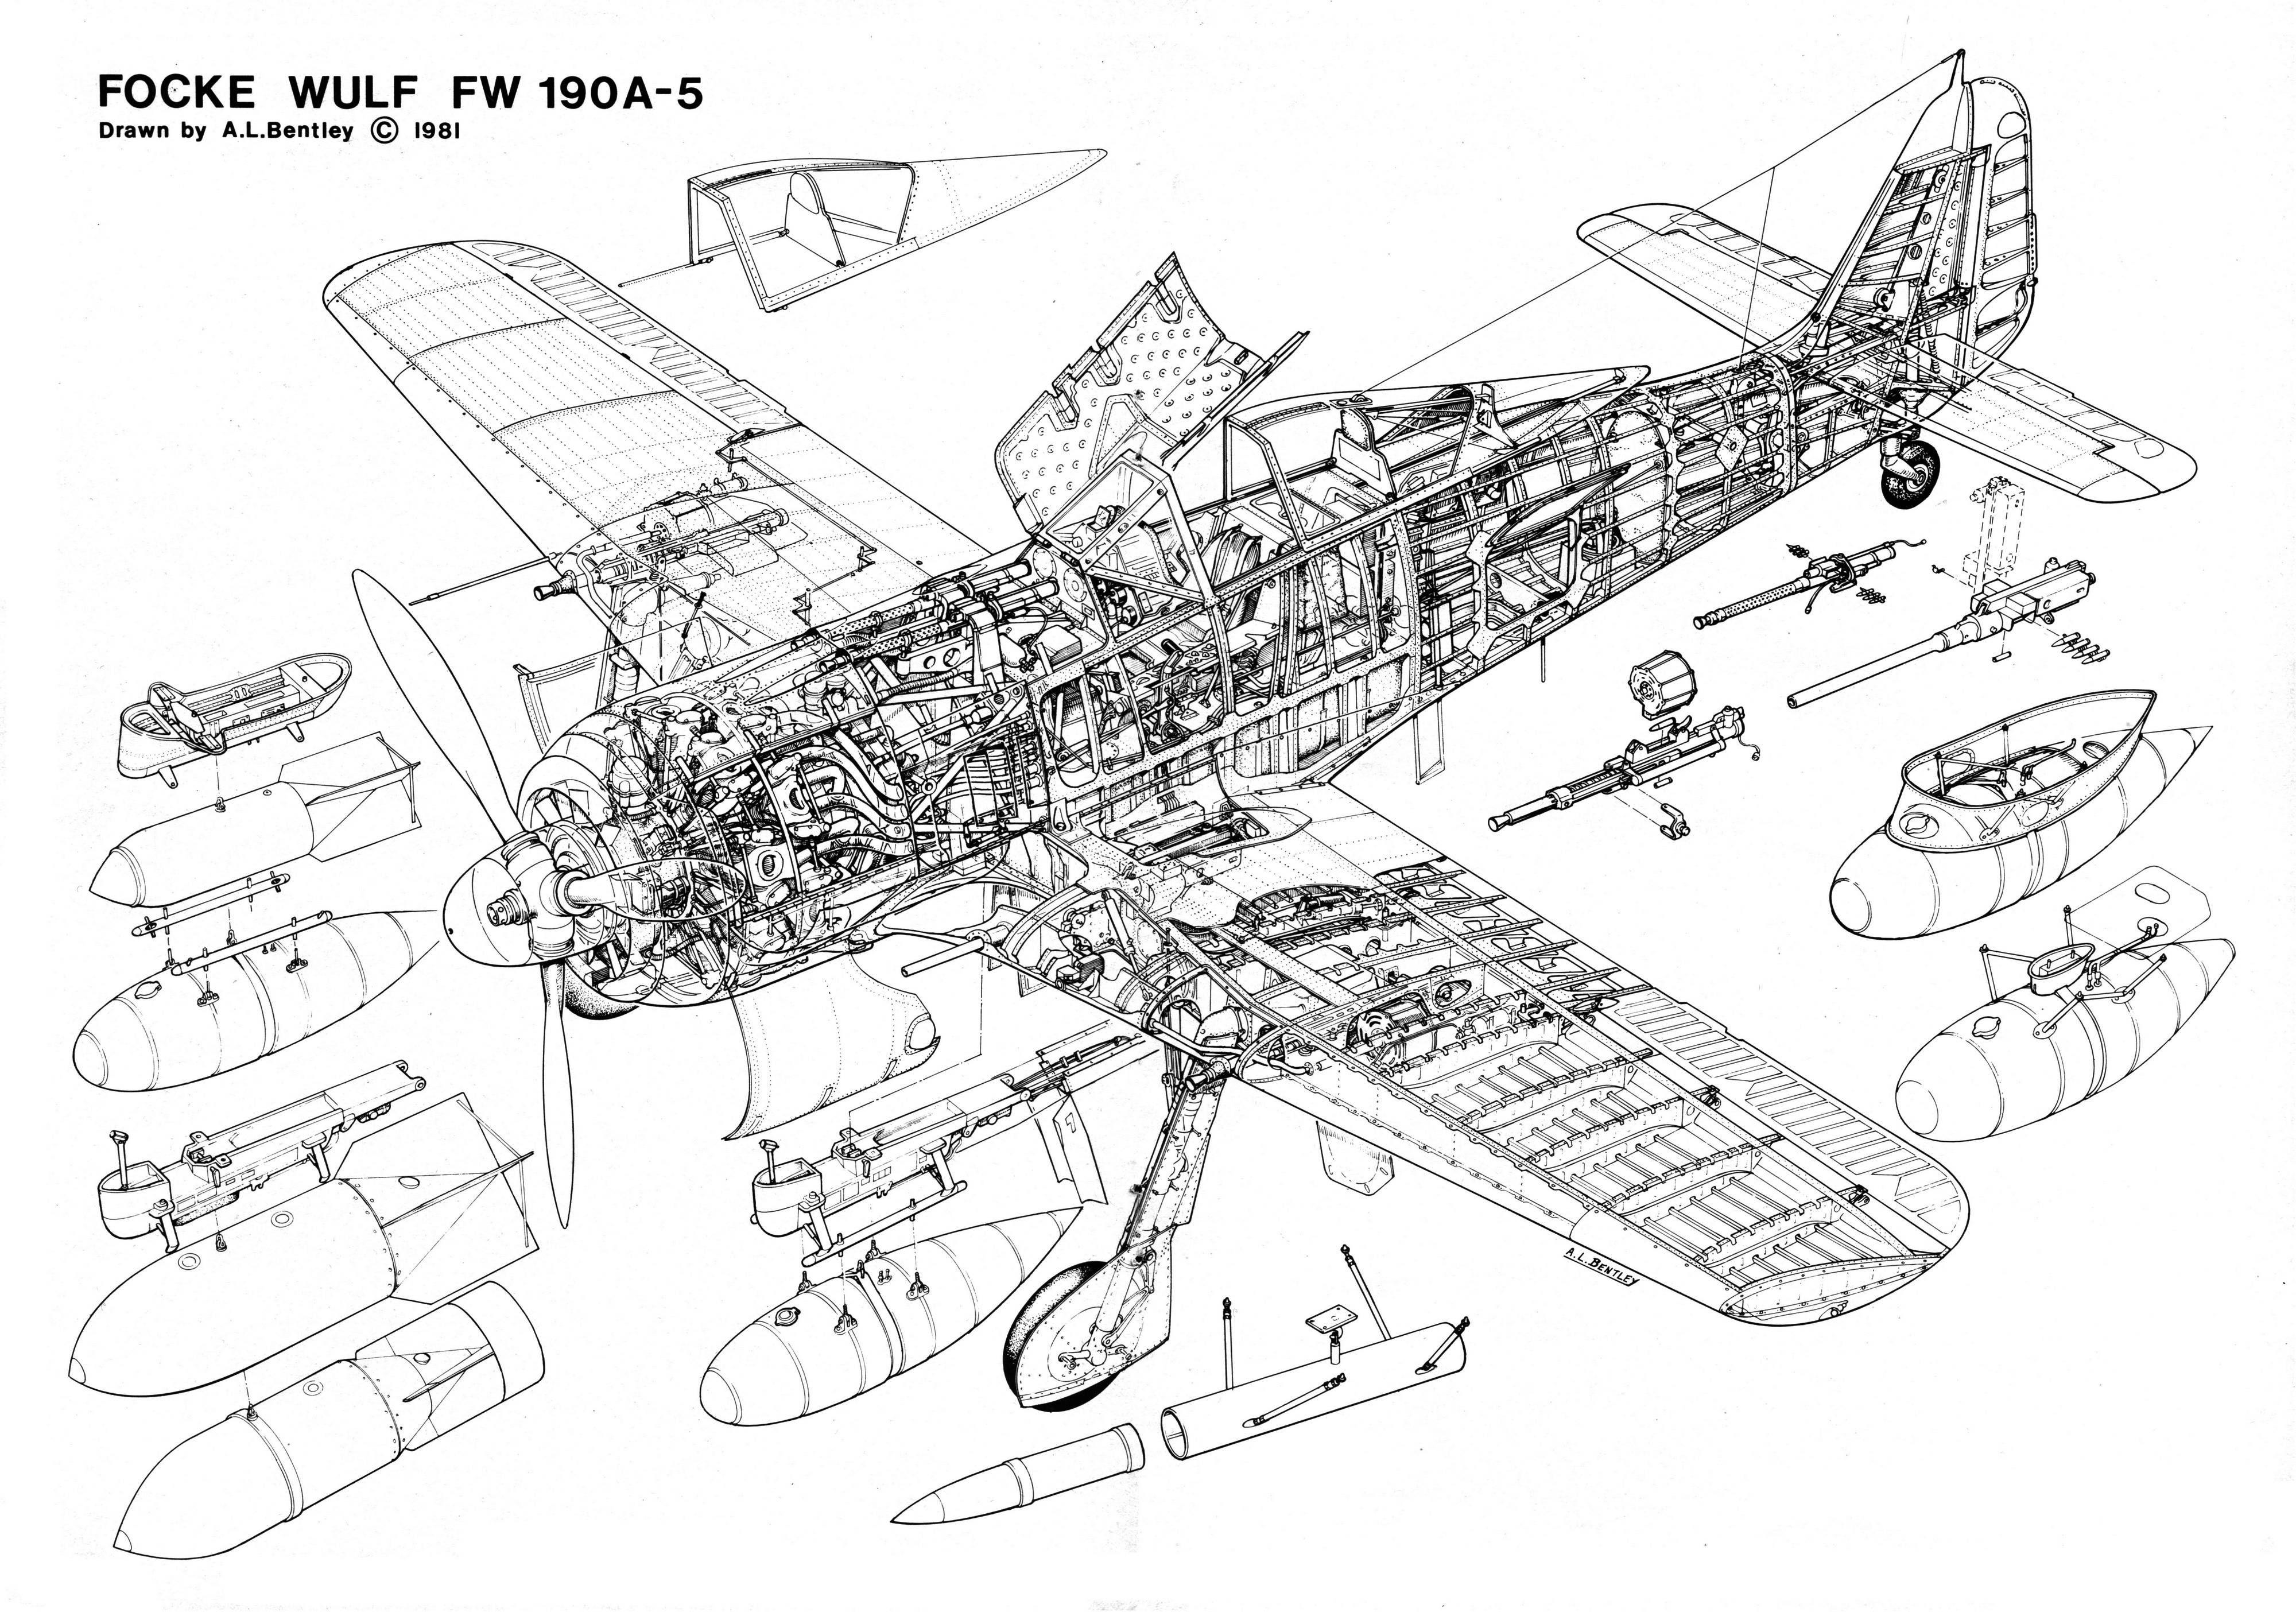 Focke Wulf Fw 190 A 5